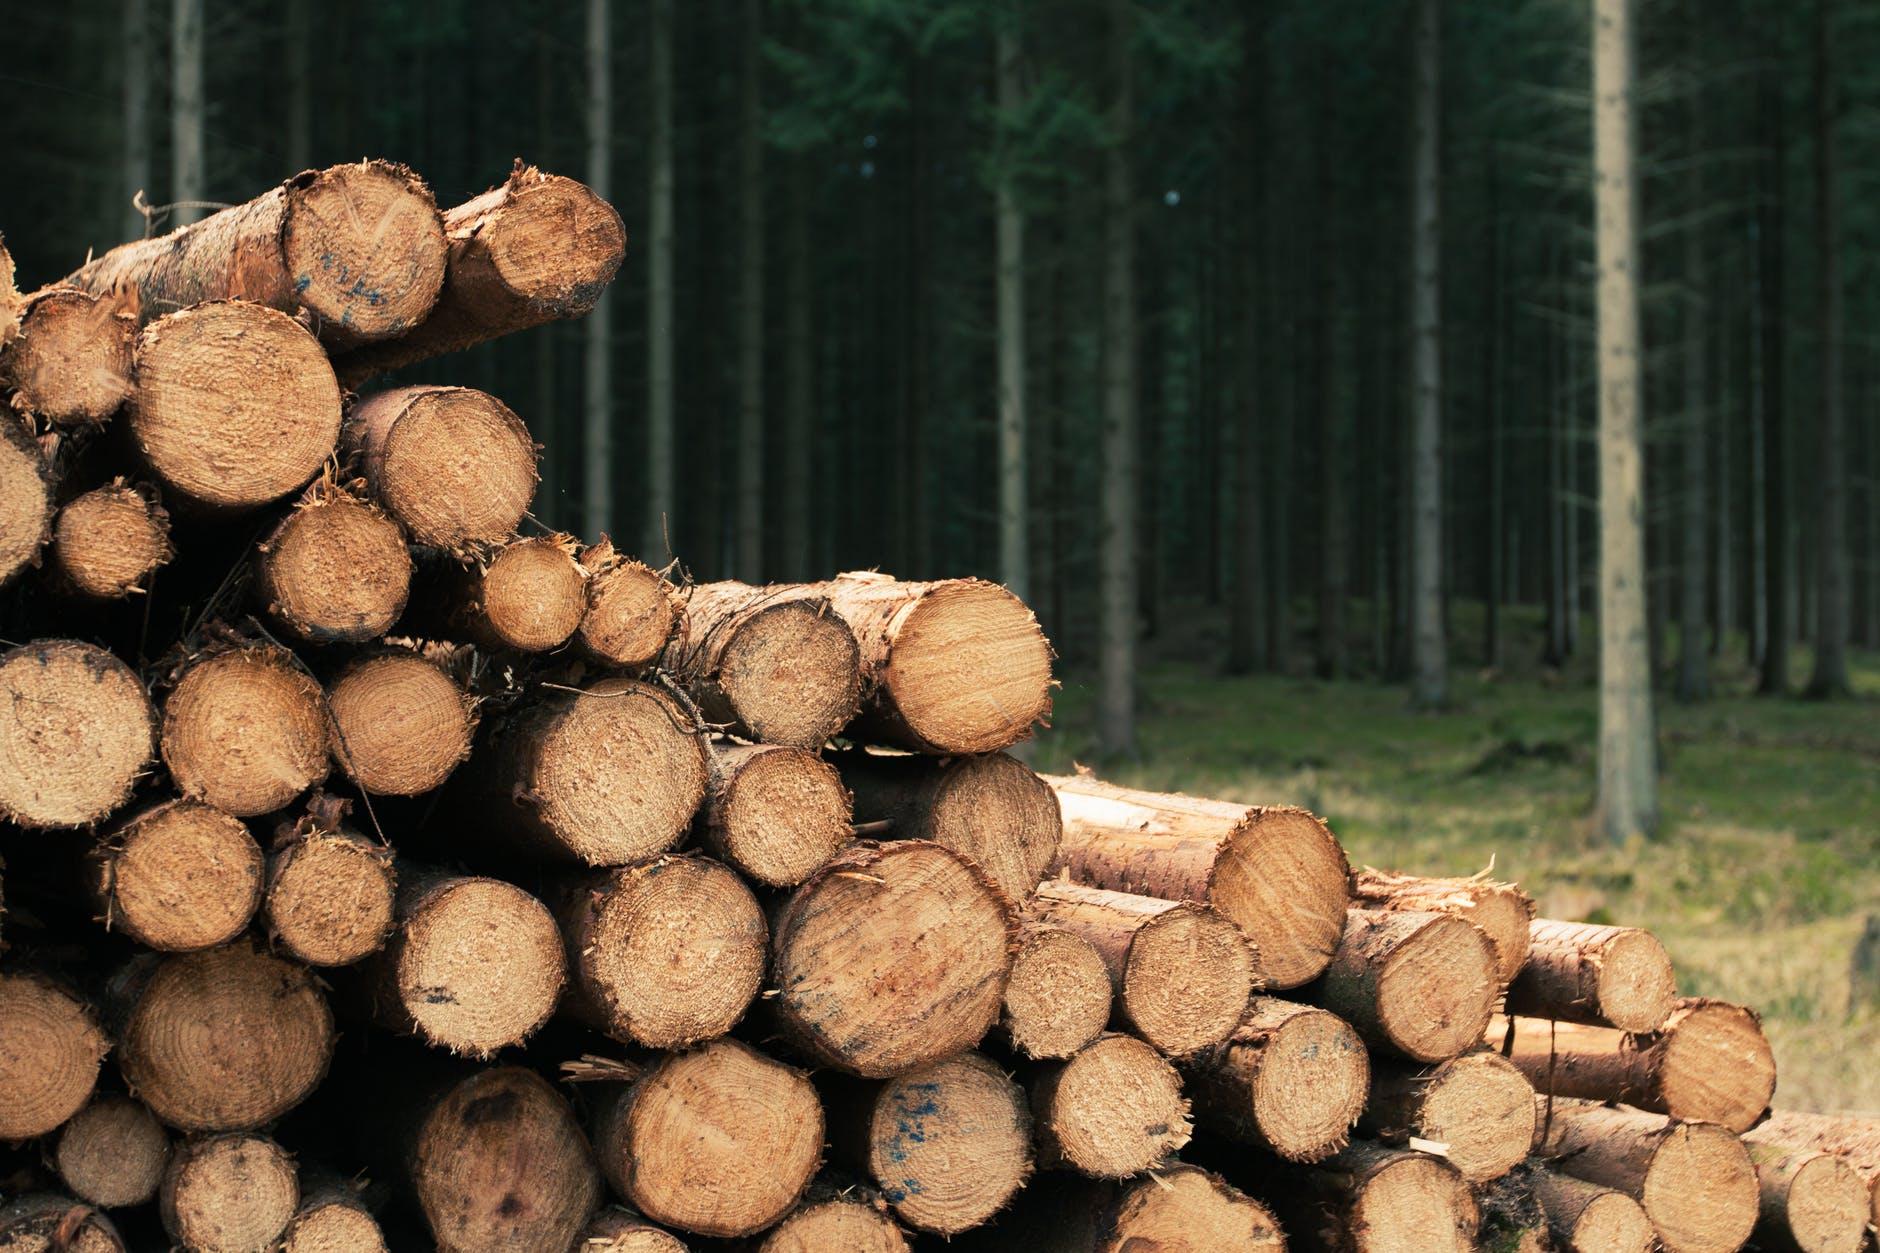 древесина бревна лес дерево